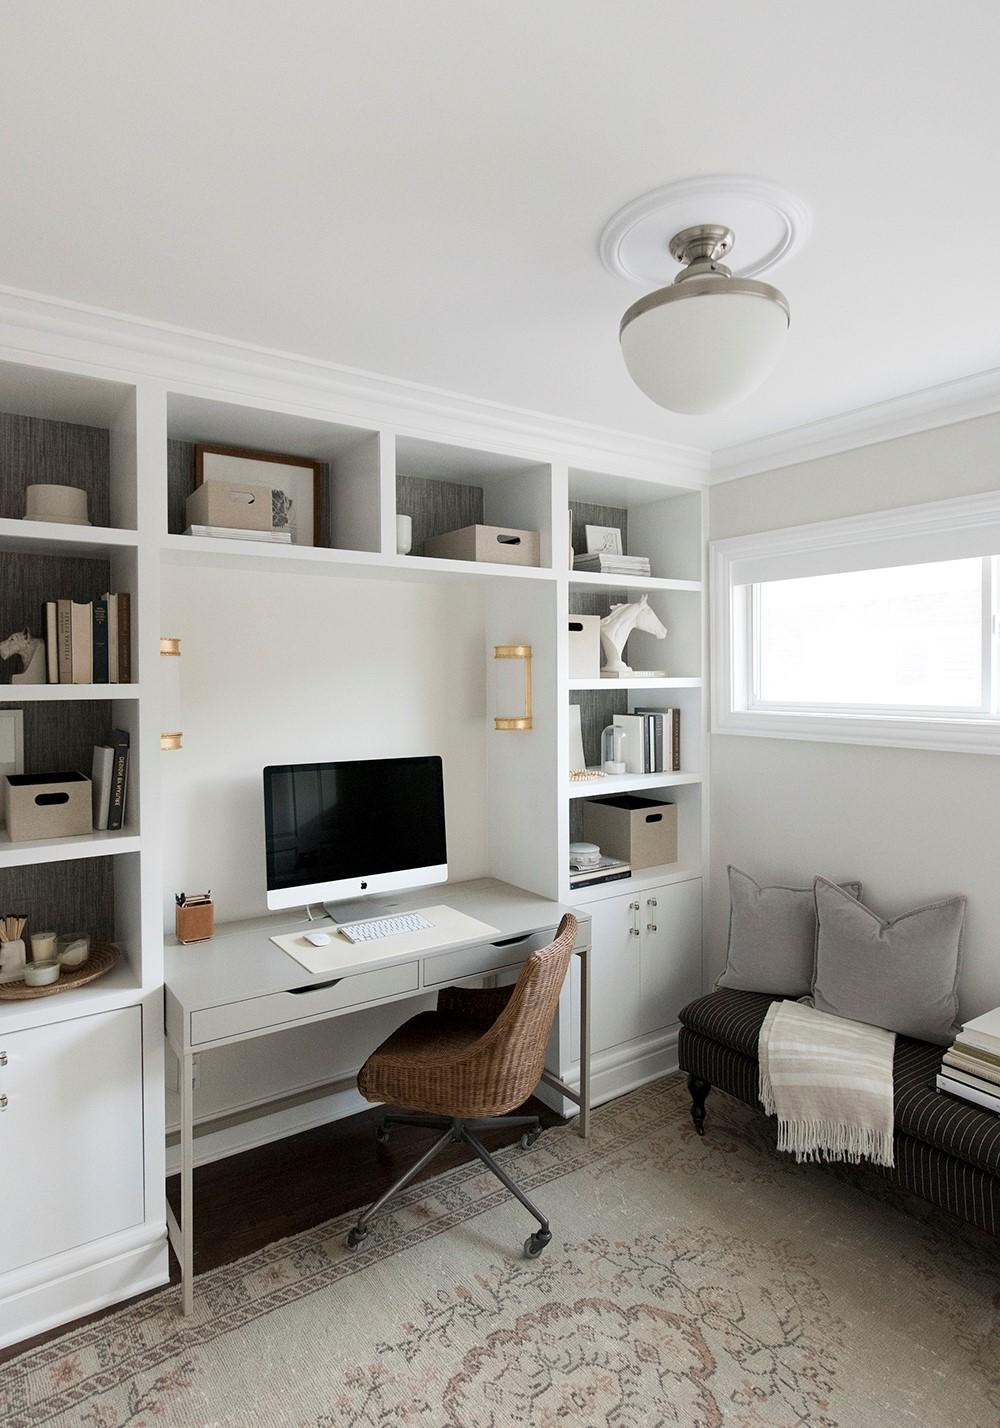 La vie en appartement signifie souvent tirer le meilleur parti de votre superficie en pieds carrés limitée.